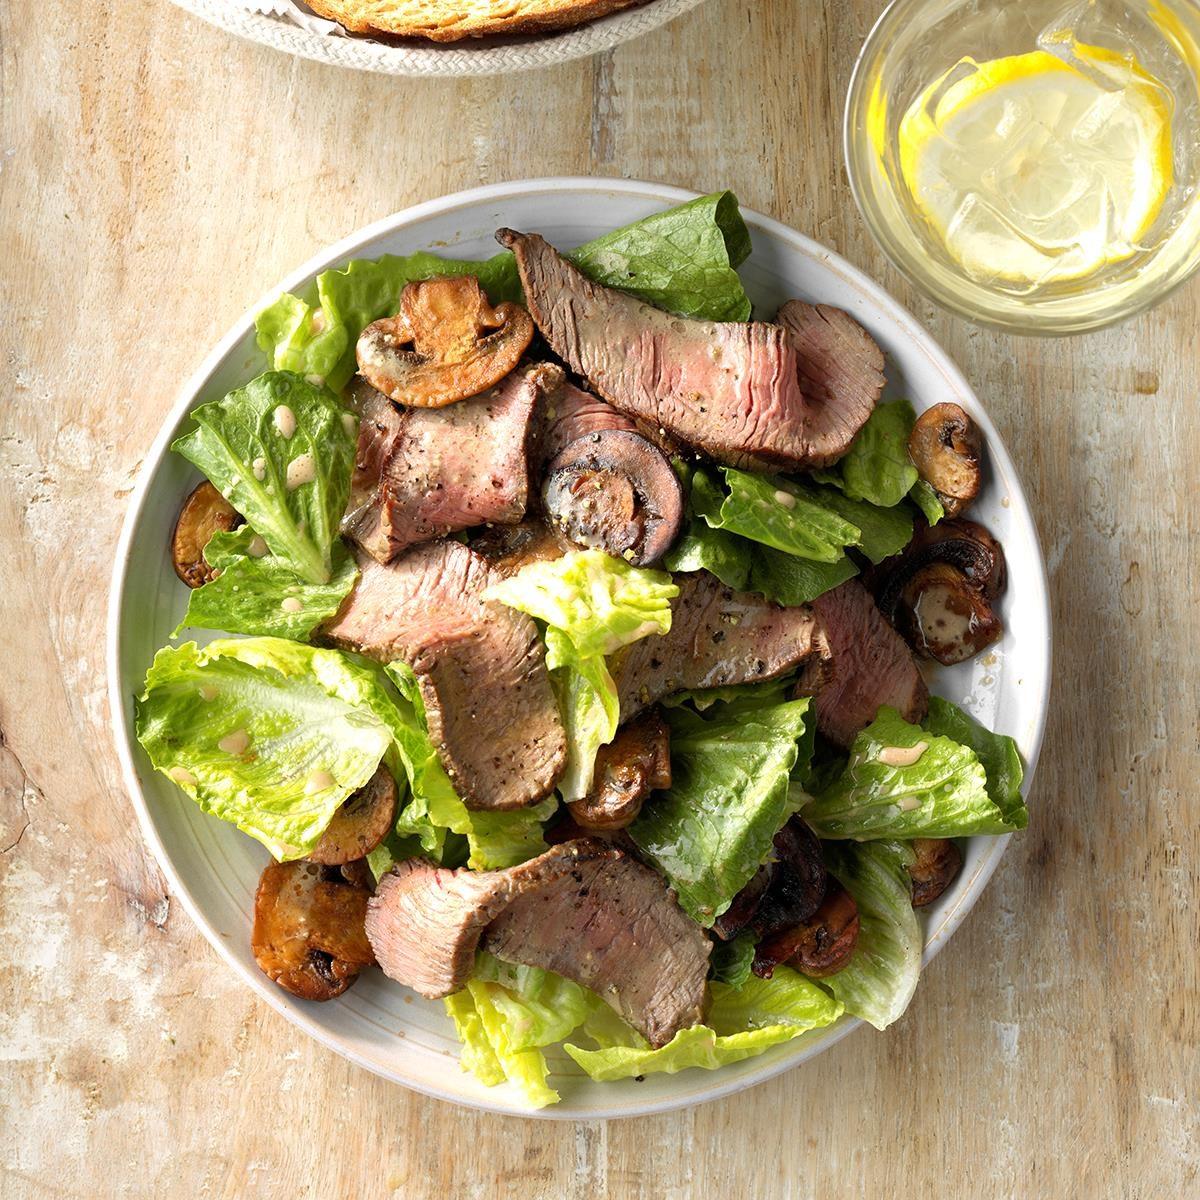 Grilled Steak and Mushroom Salad